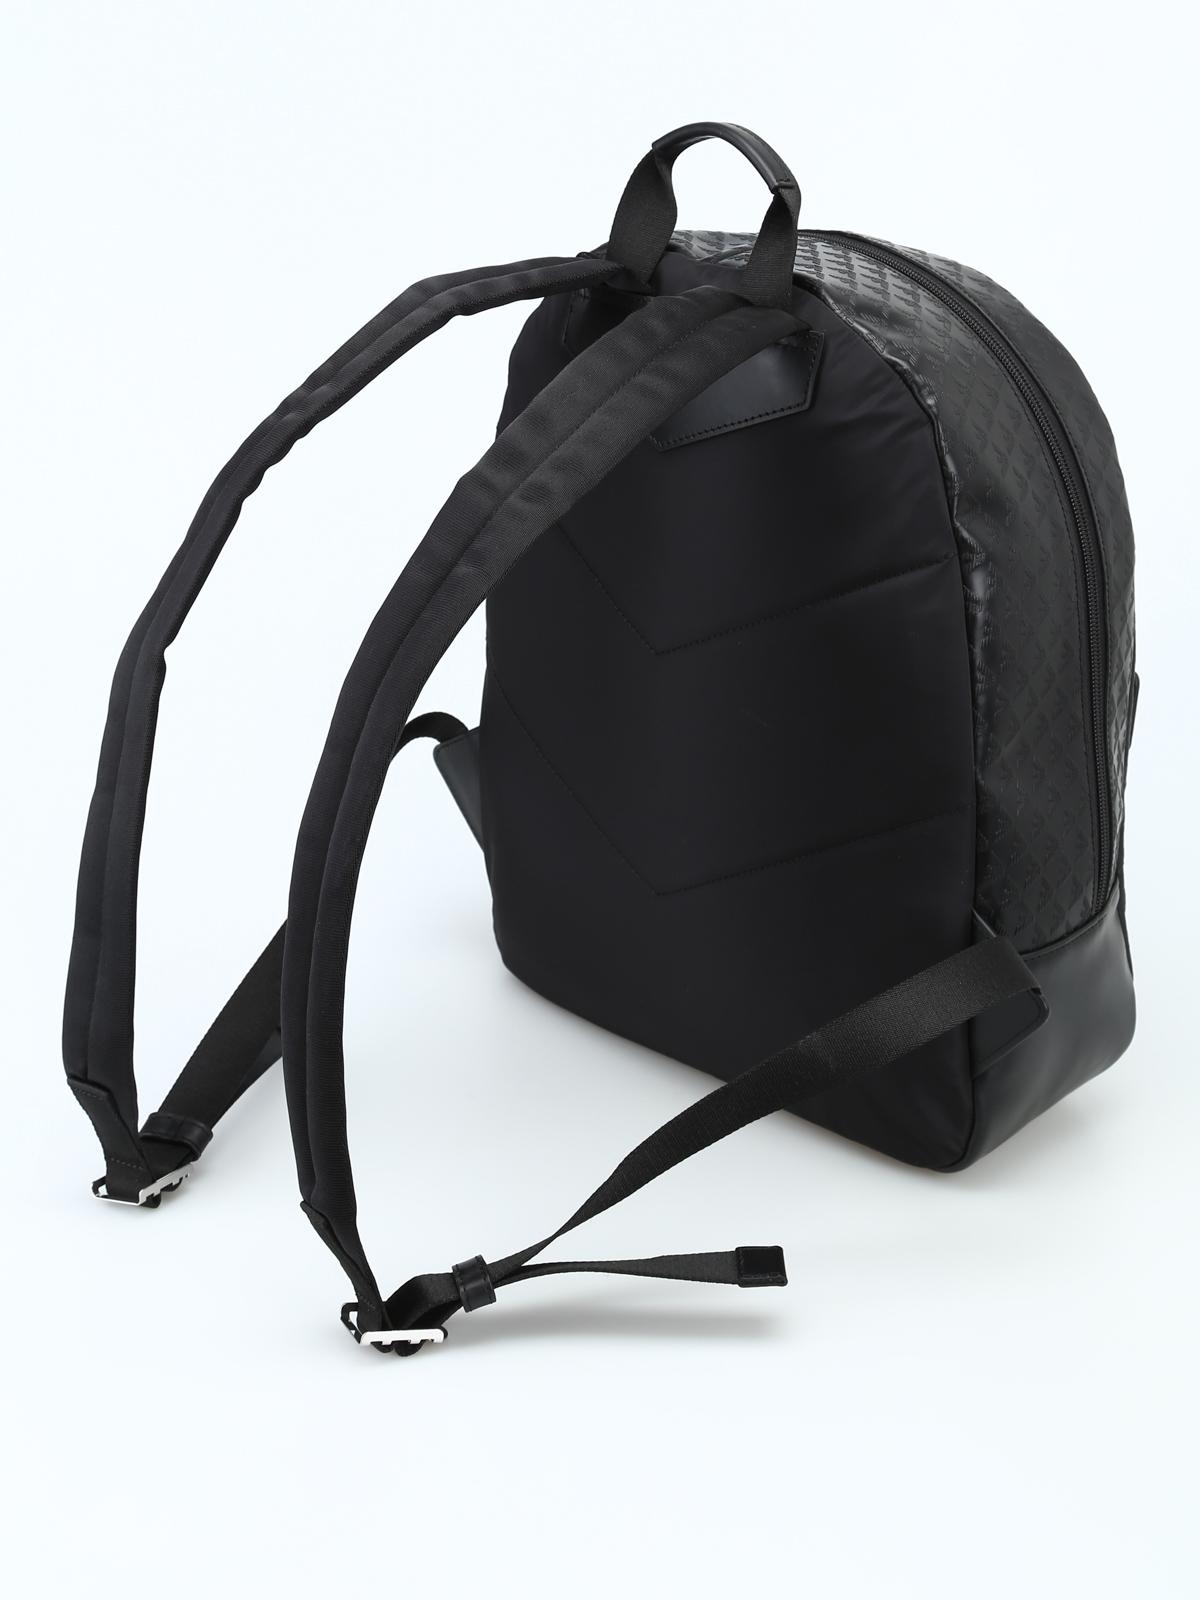 e34a17f55d iKRIX EMPORIO ARMANI: zaini - Zaino nero in pelle con stampa logo all over